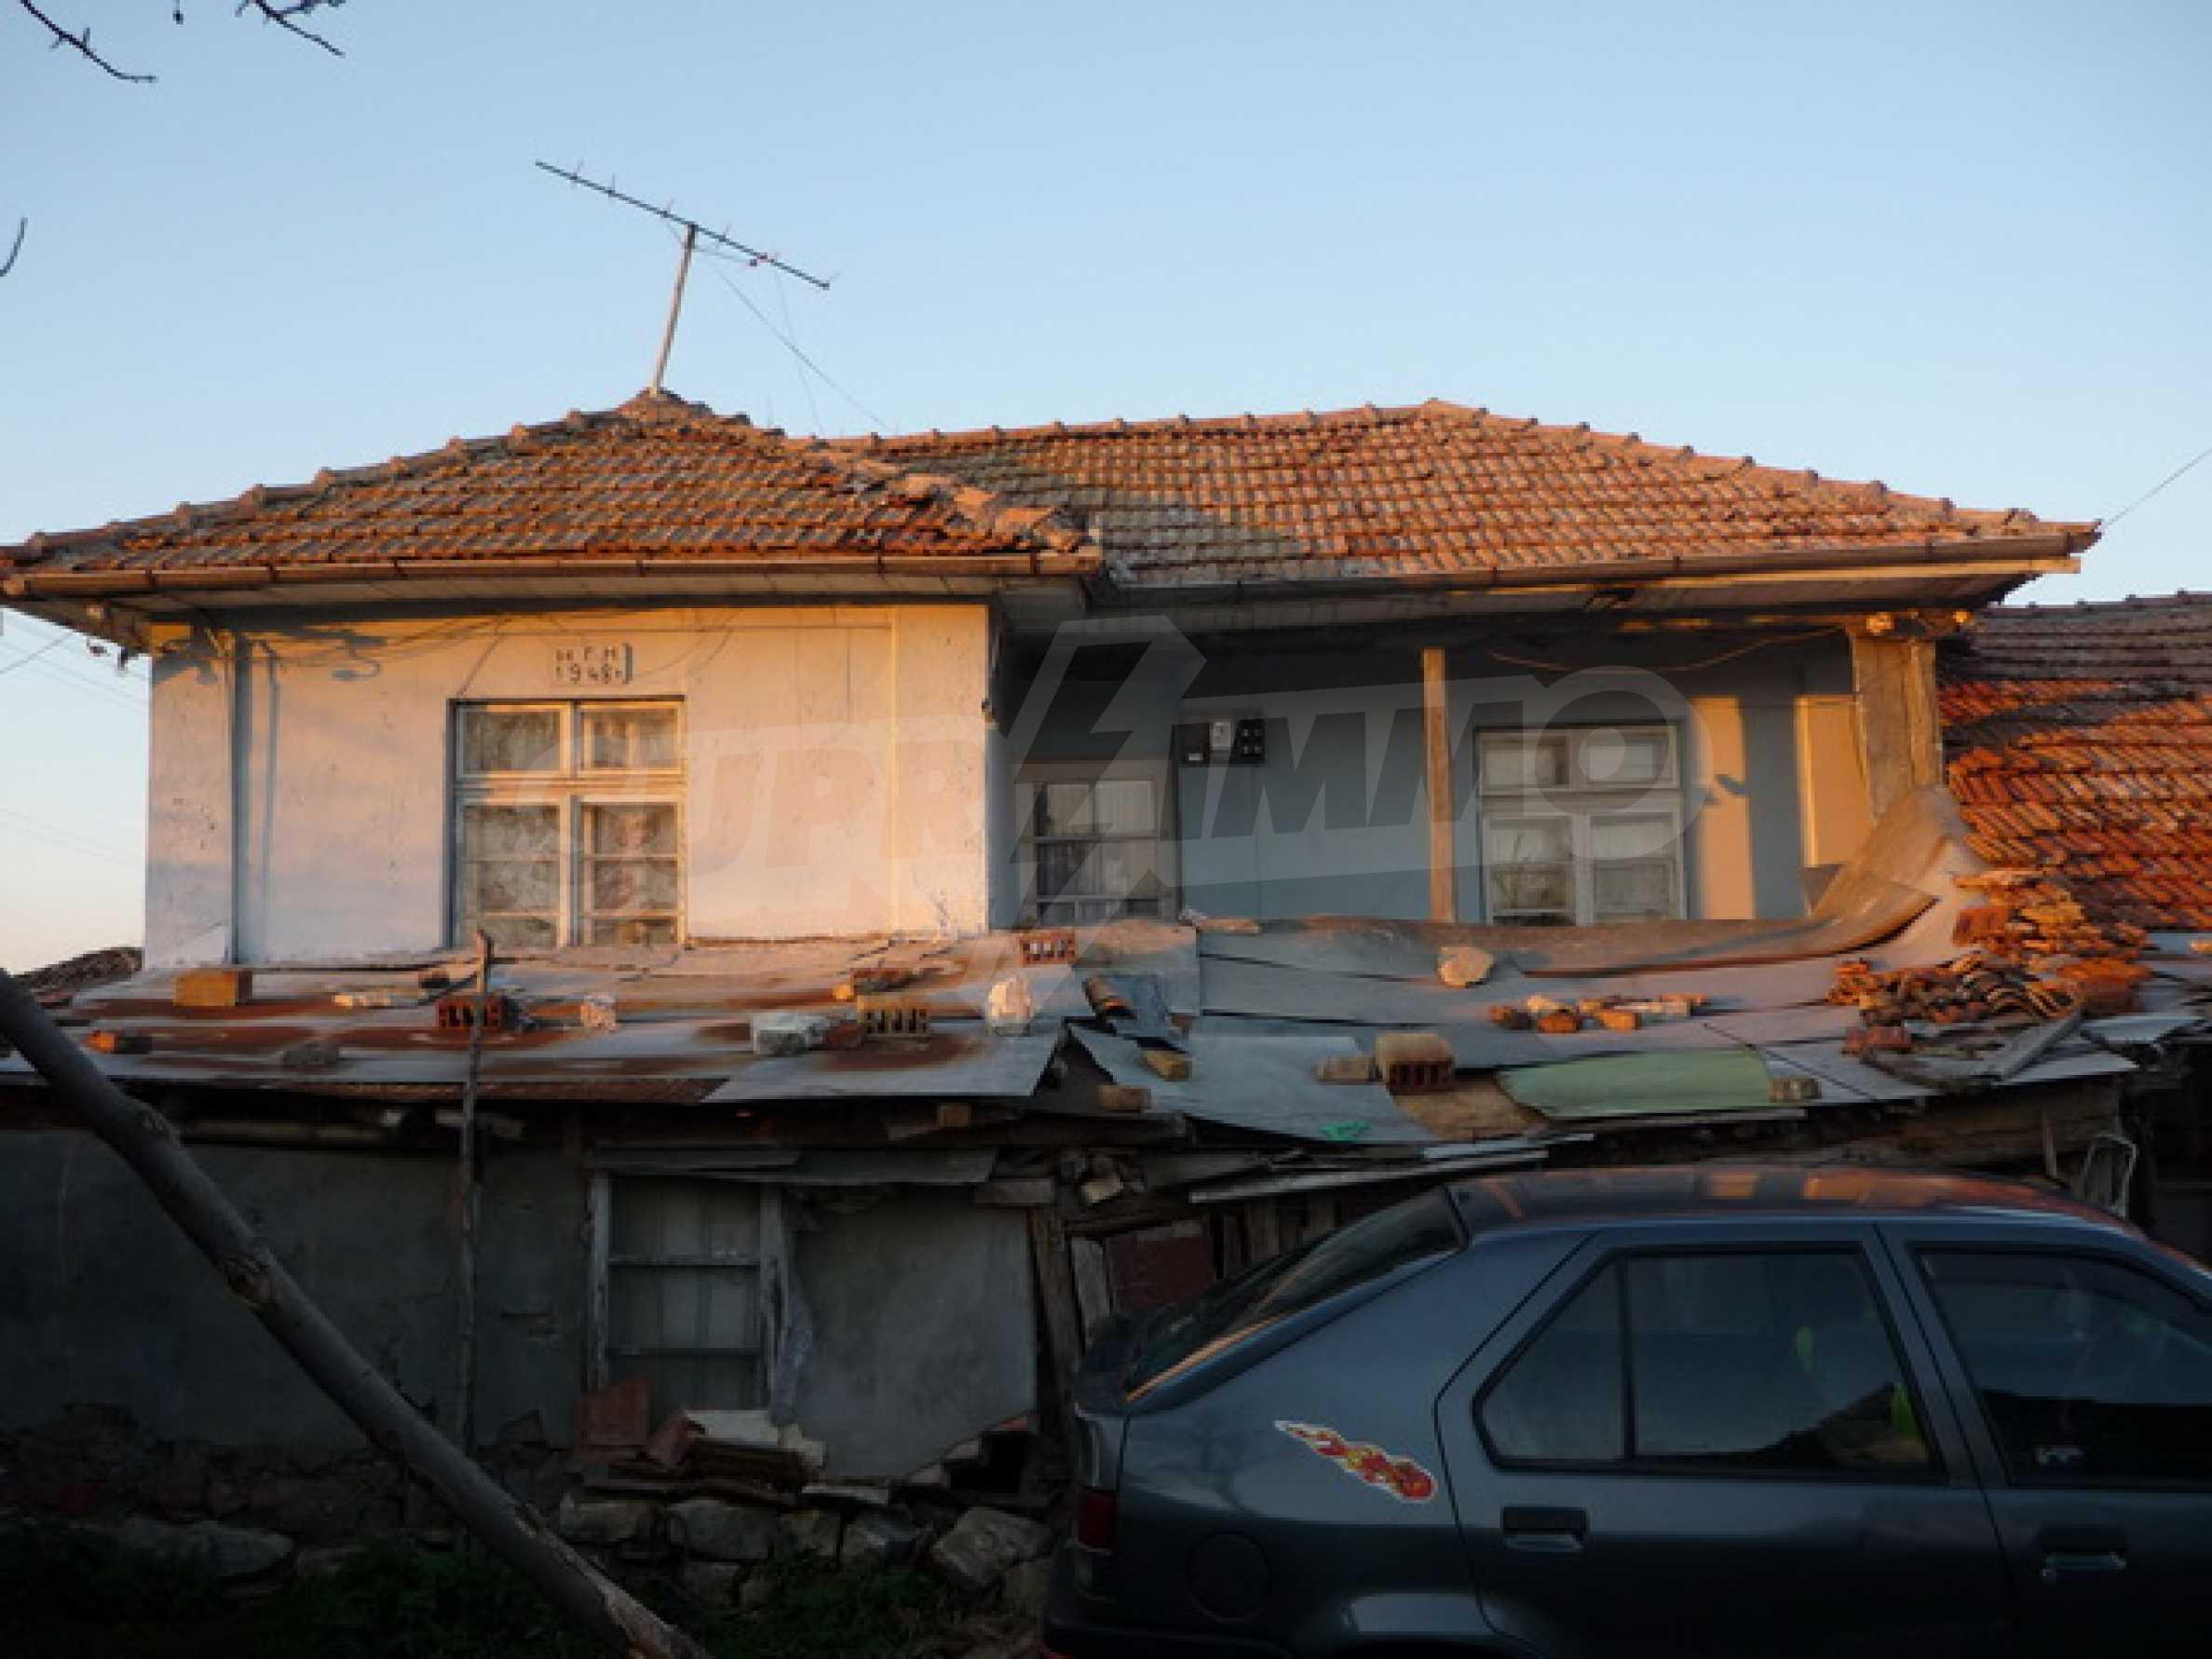 Zweistöckiges Haus zum Verkauf in einem Dorf 40 km von Veliko Tarnovo entfernt 2